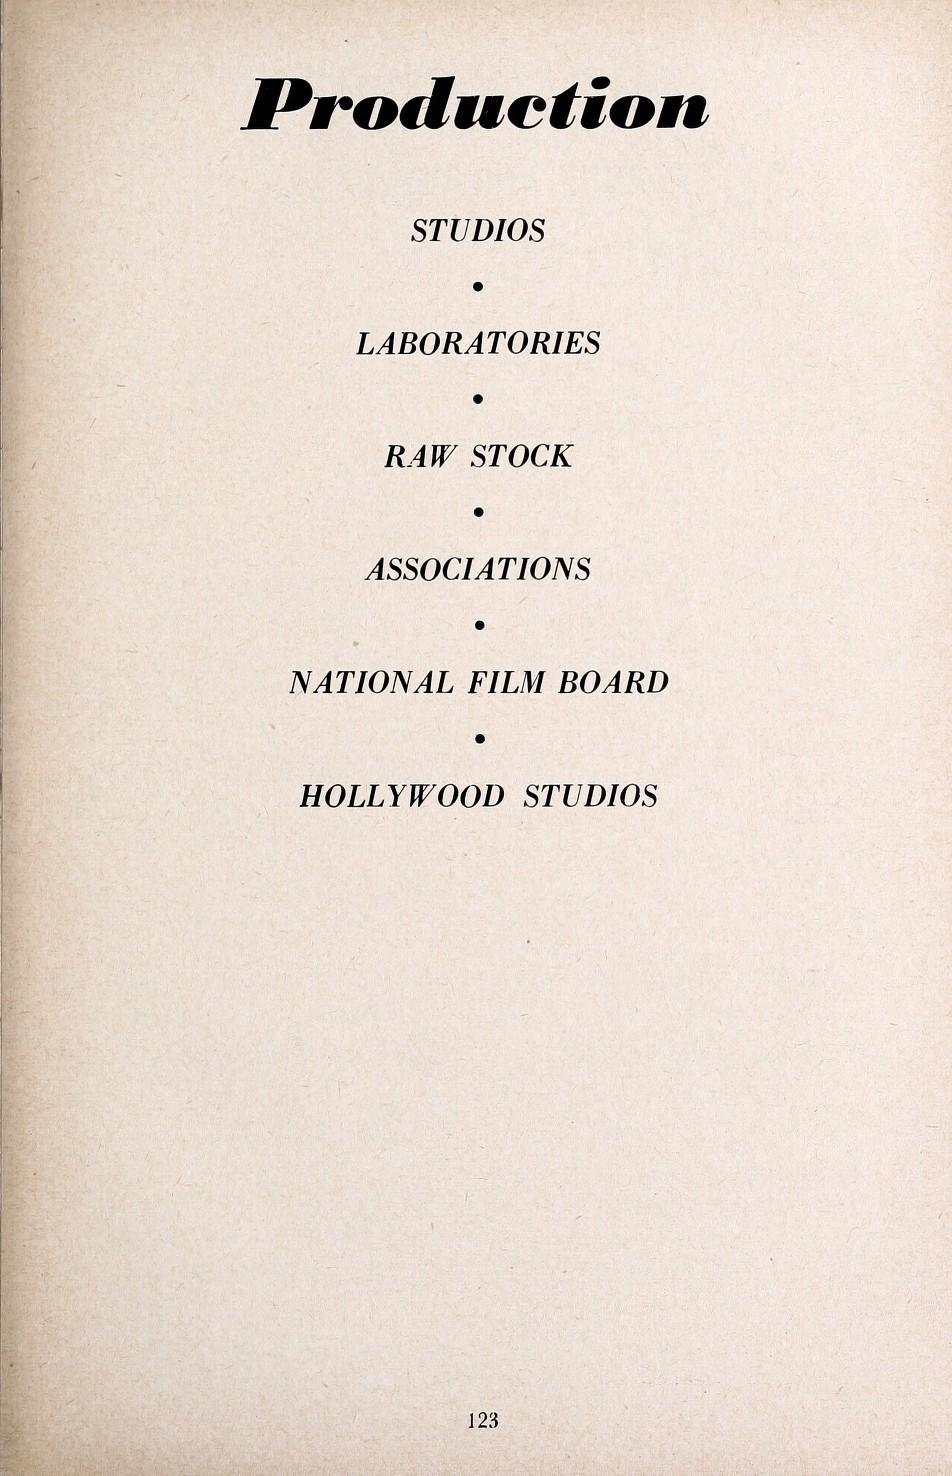 1951yearbookcana00film_jp2.zip&file=1951yearbookcana00film_jp2%2f1951yearbookcana00film_0125